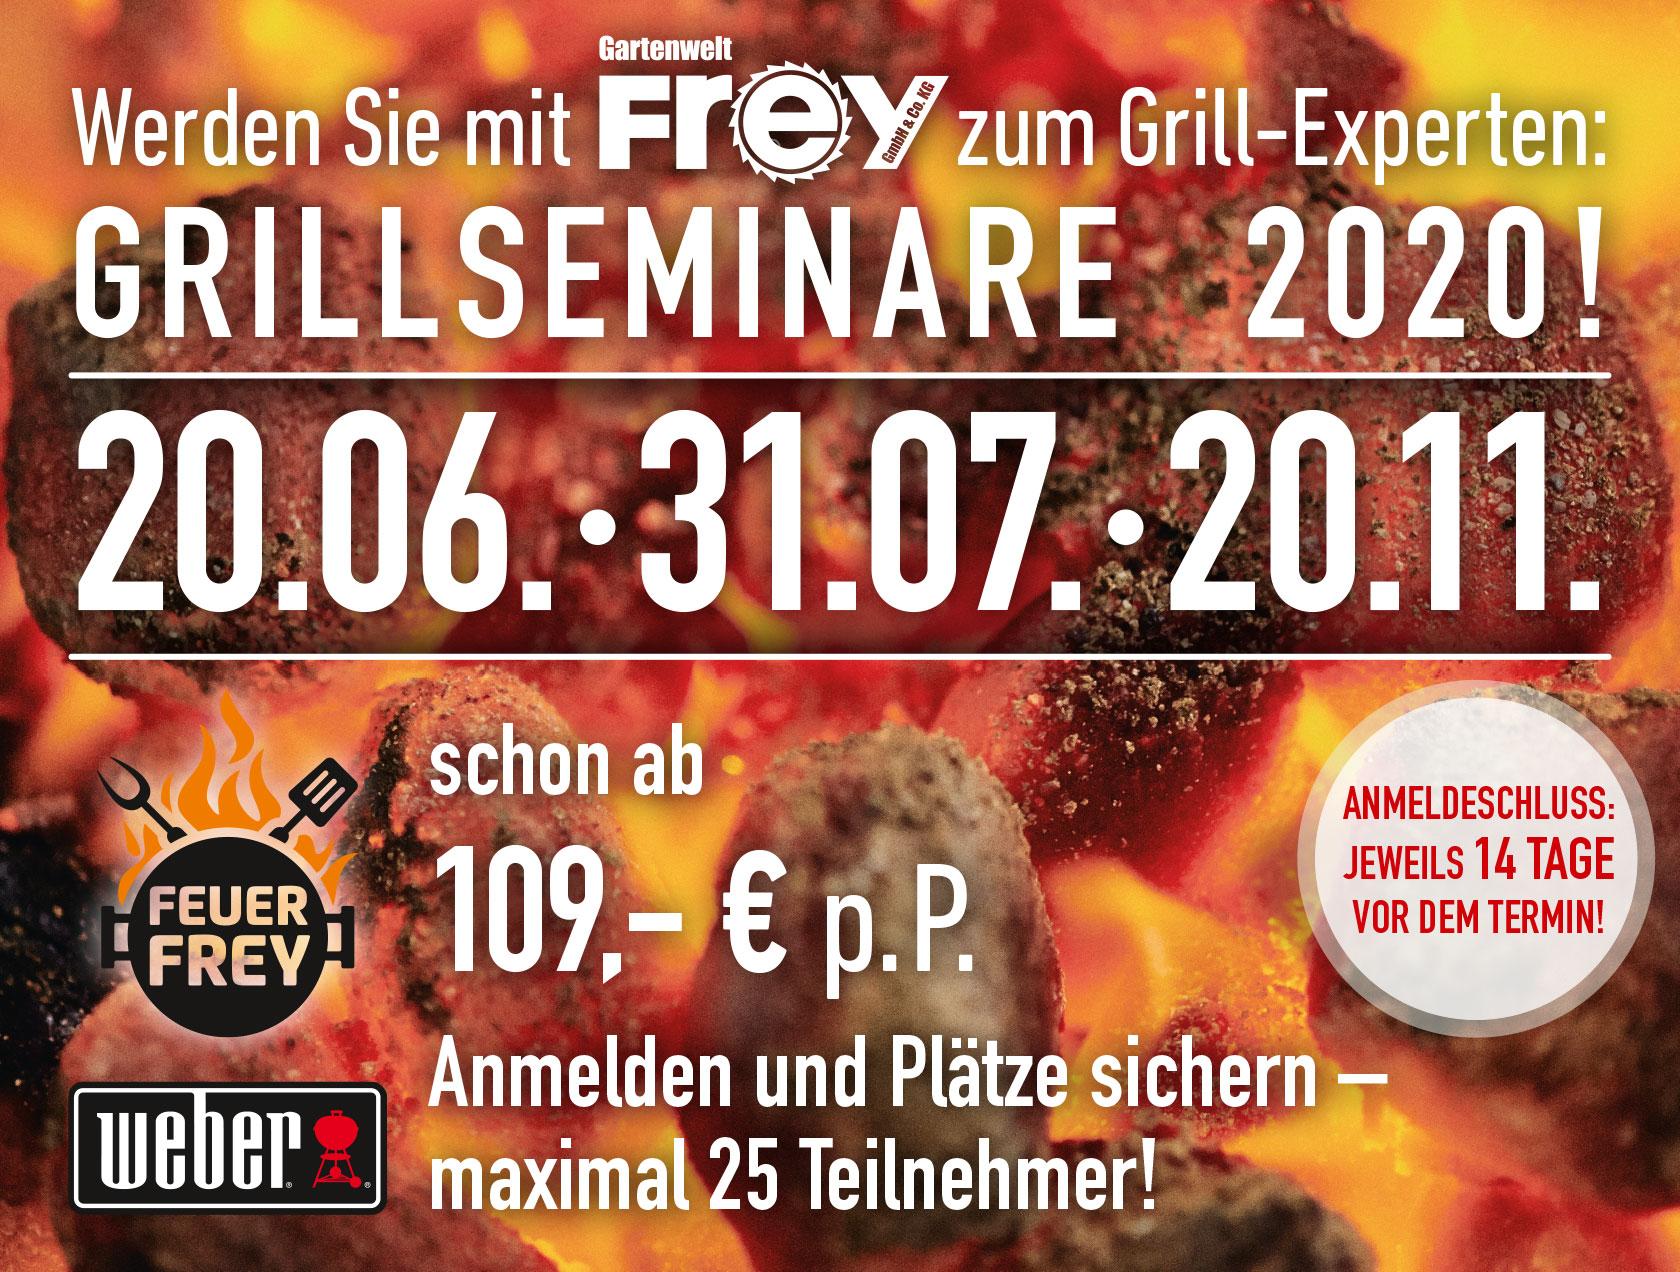 Werden Sie mit GARTENWELT FREY zum Grill-Experten – mit FEUER FREY!